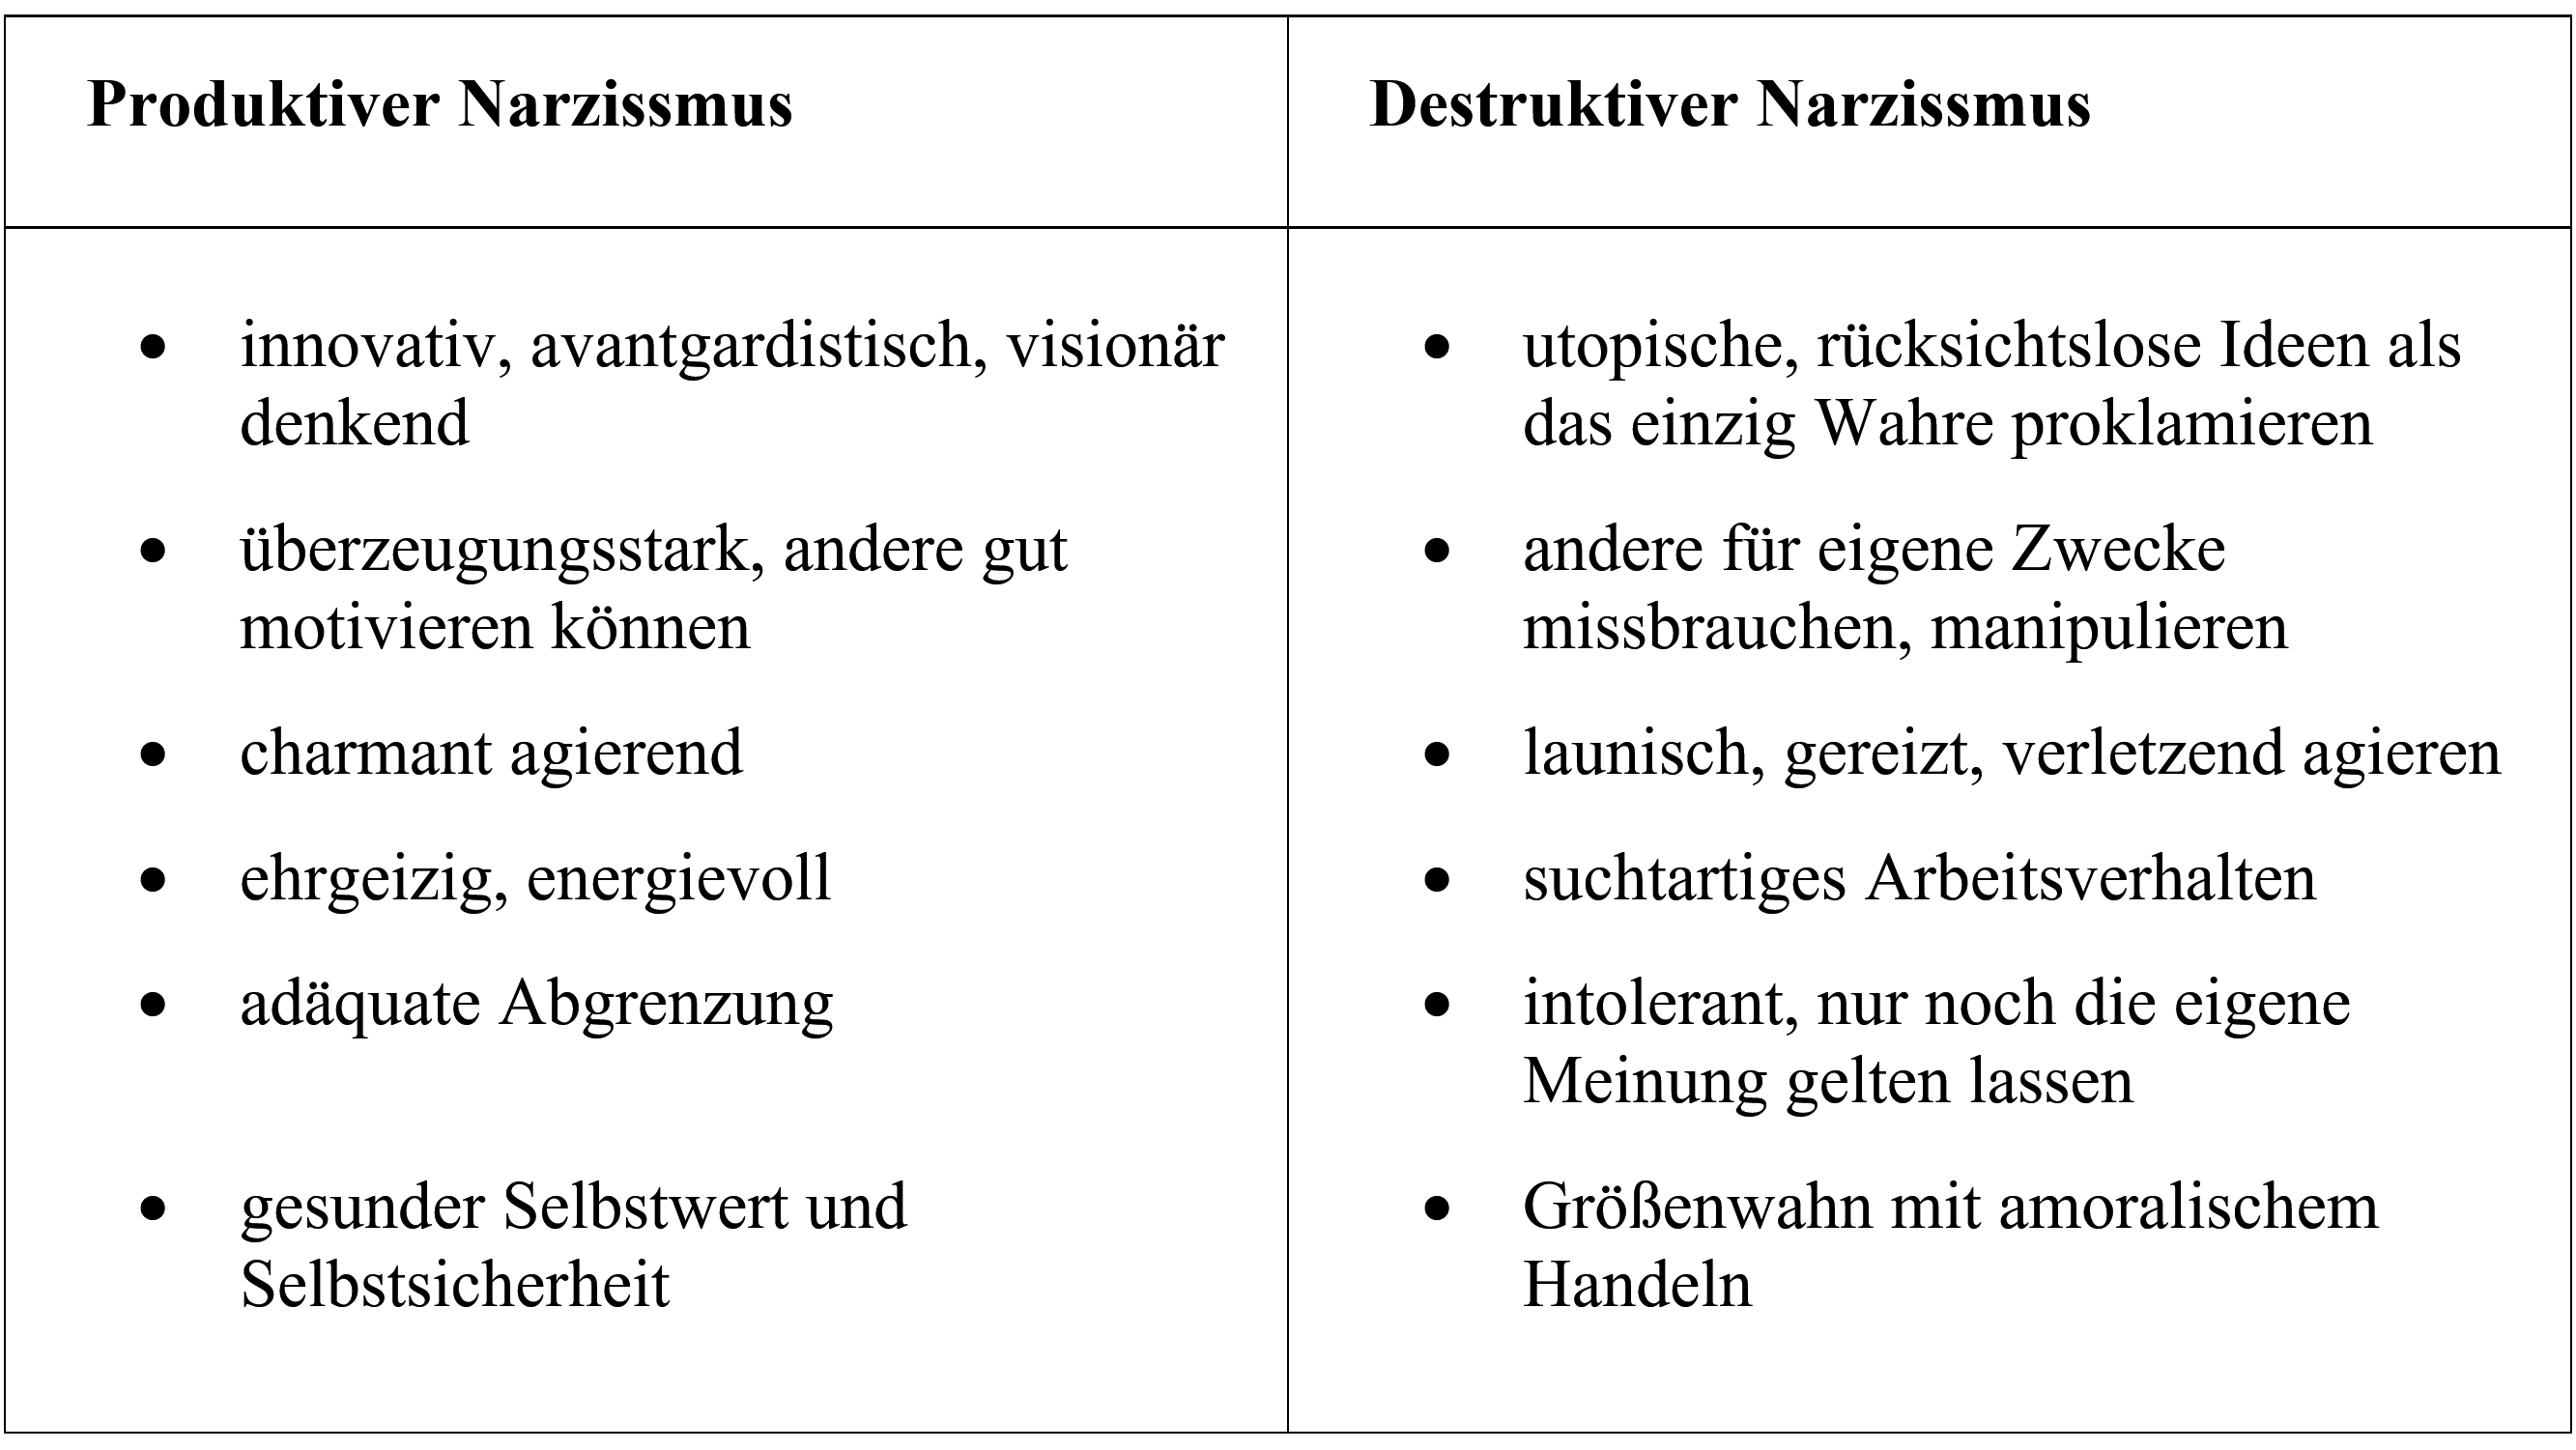 Man sollte nach Meinung einiger PsychologInnen den produktiven von einem destruktiven Narzissmus unterscheiden können.